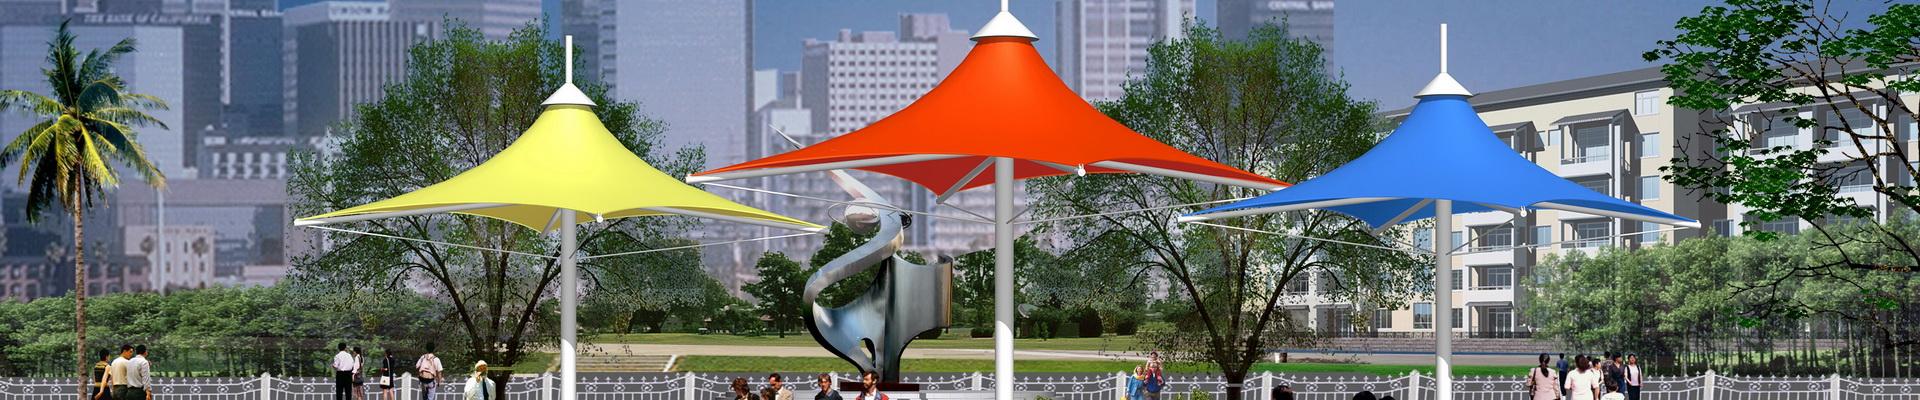 景观张拉膜结构建筑雨伞